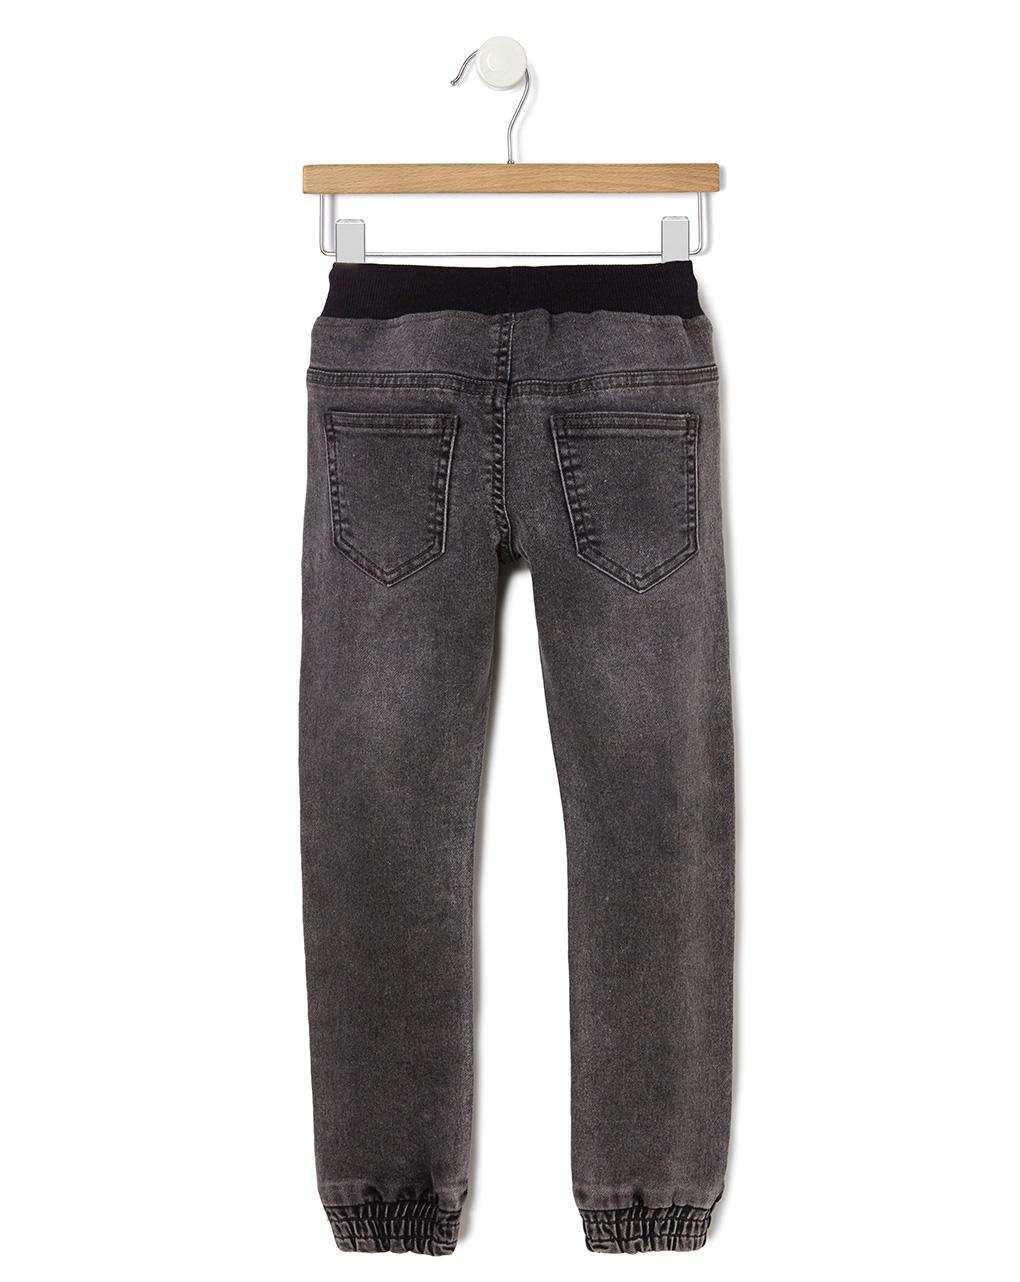 Calça jeans com elástico no tornozelo - Prénatal